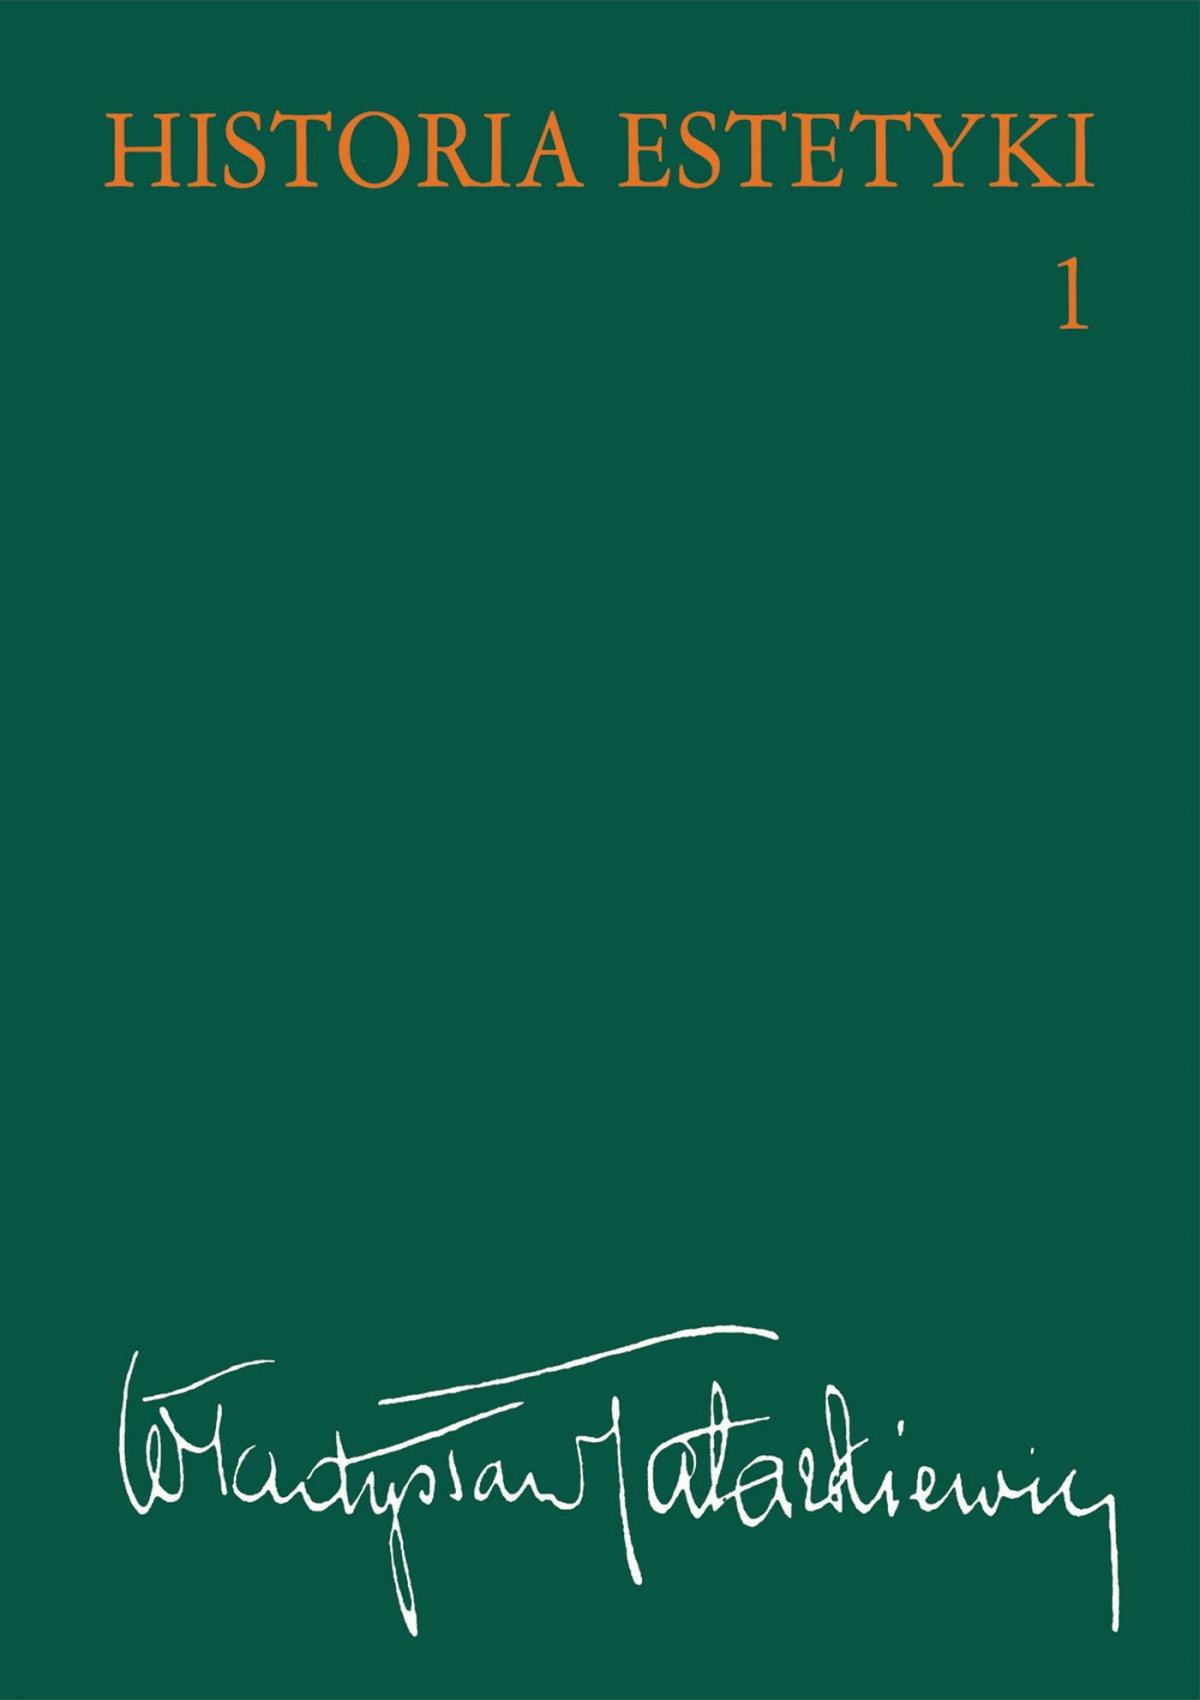 Historia estetyki. Tom 1 - Ebook (Książka EPUB) do pobrania w formacie EPUB